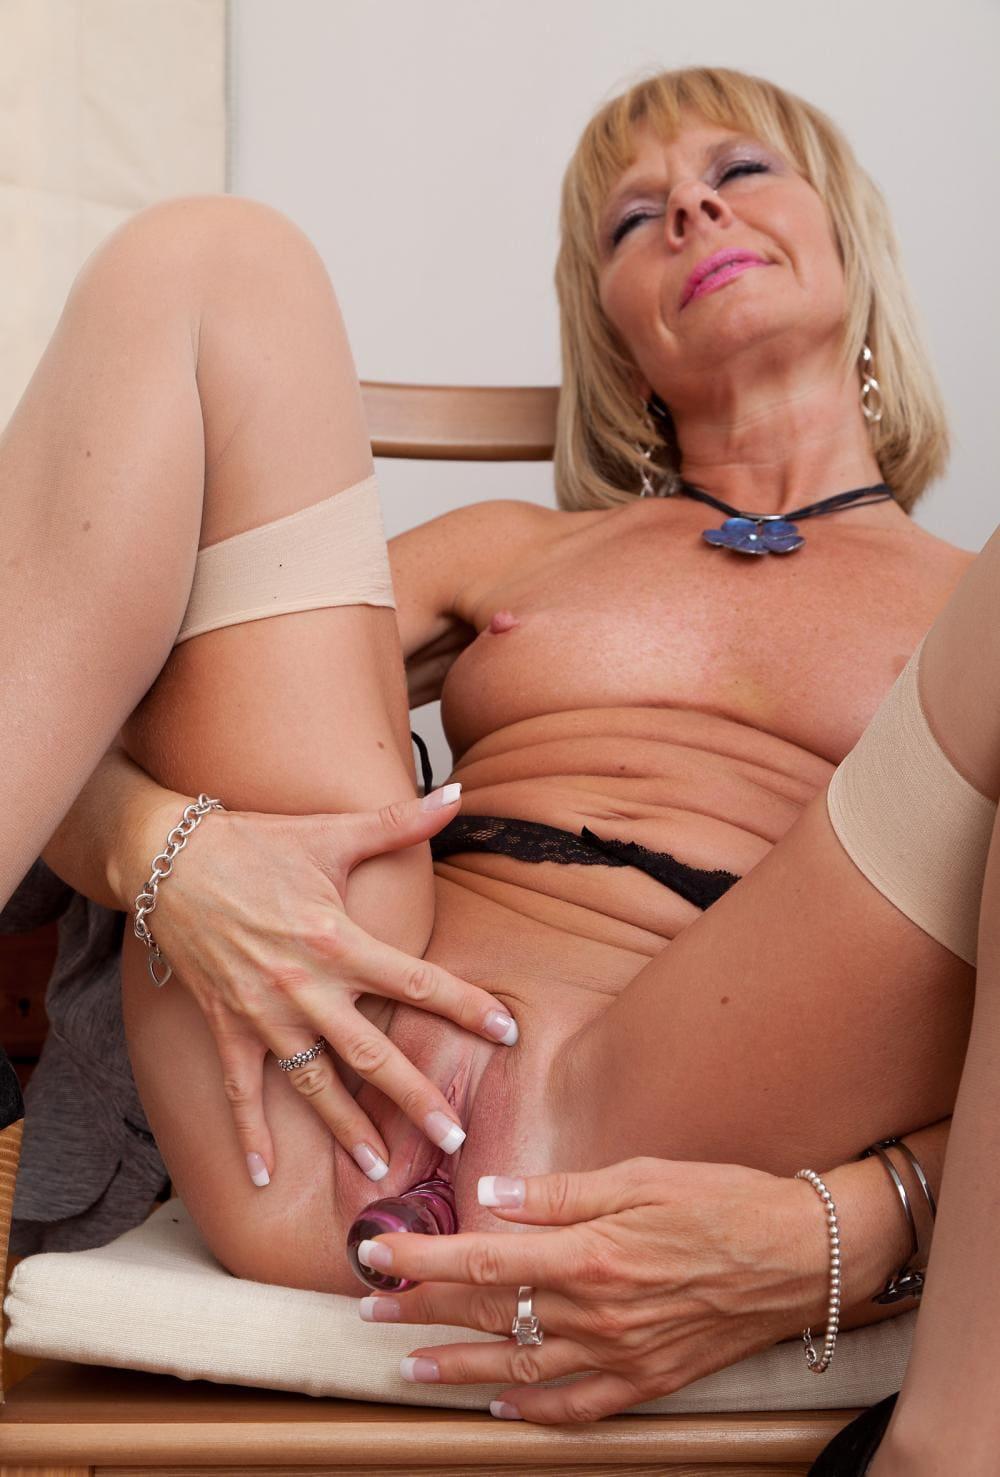 зрелые дамы мастурбируют письку мини вибратором, на лице блаженство на ножках светлые чулки